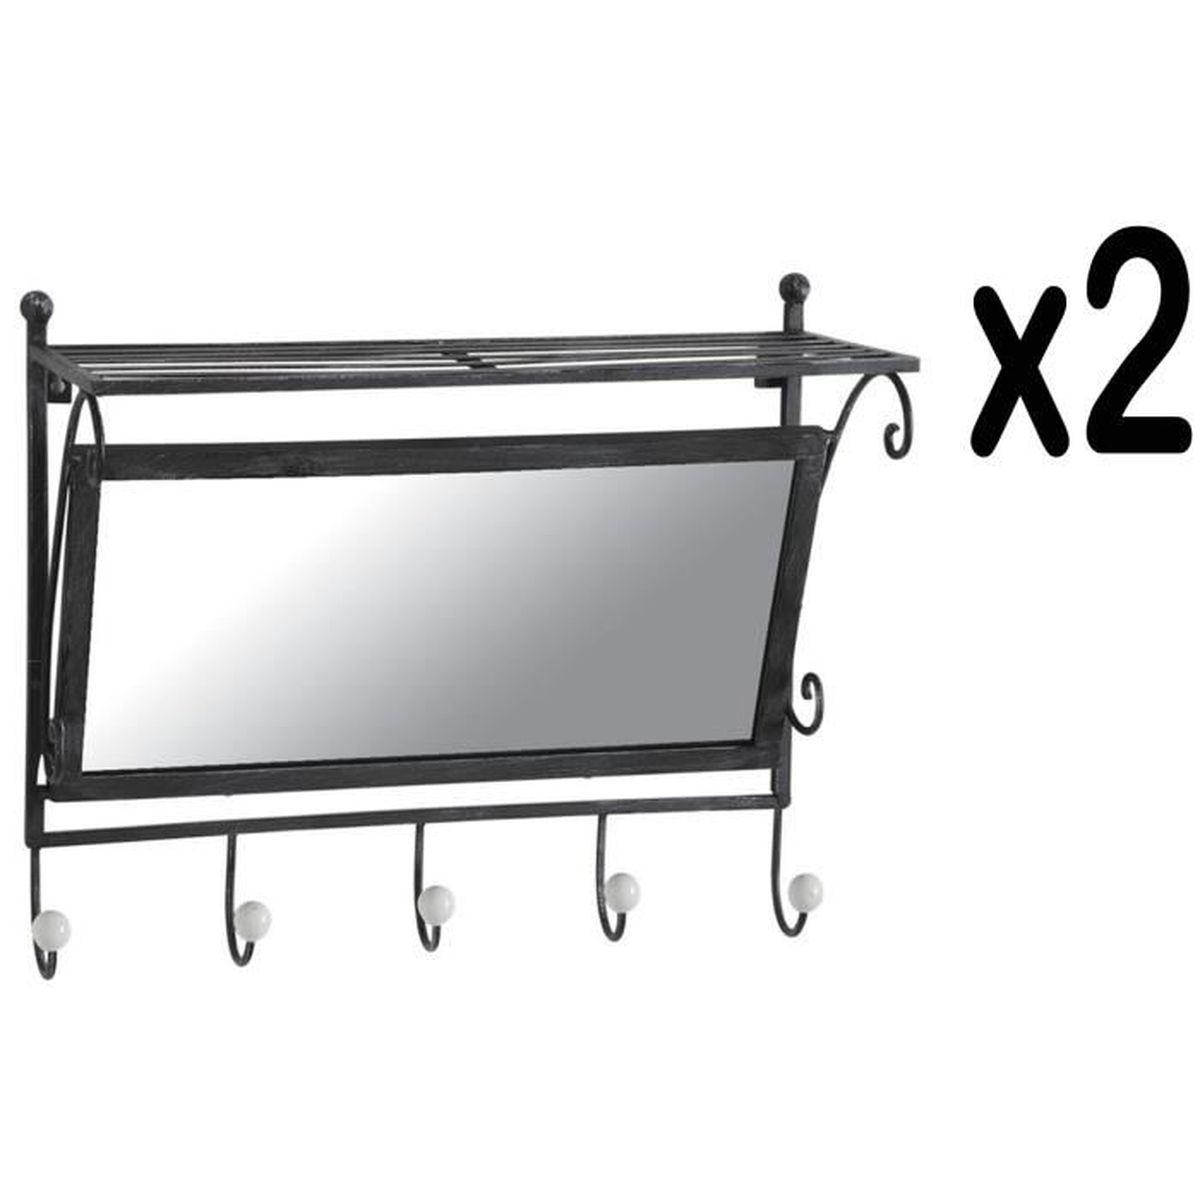 Lot de 2 pat res en m tal vieilli avec 5 crochets et miroir achat vente pat re cdiscount for Miroir metal vieilli